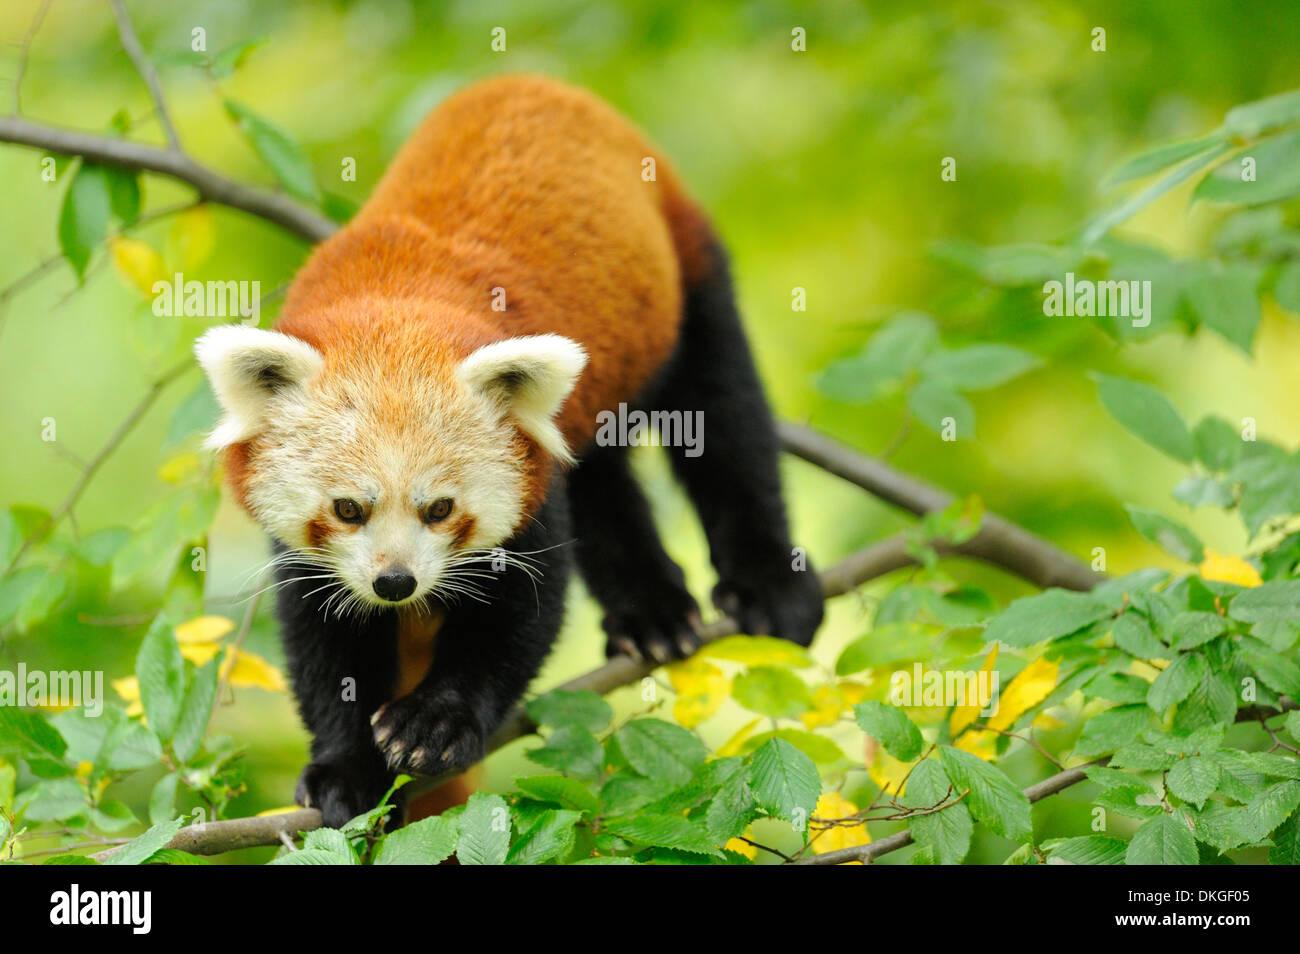 Le panda rouge (Ailurus fulgens) dans un arbre Photo Stock